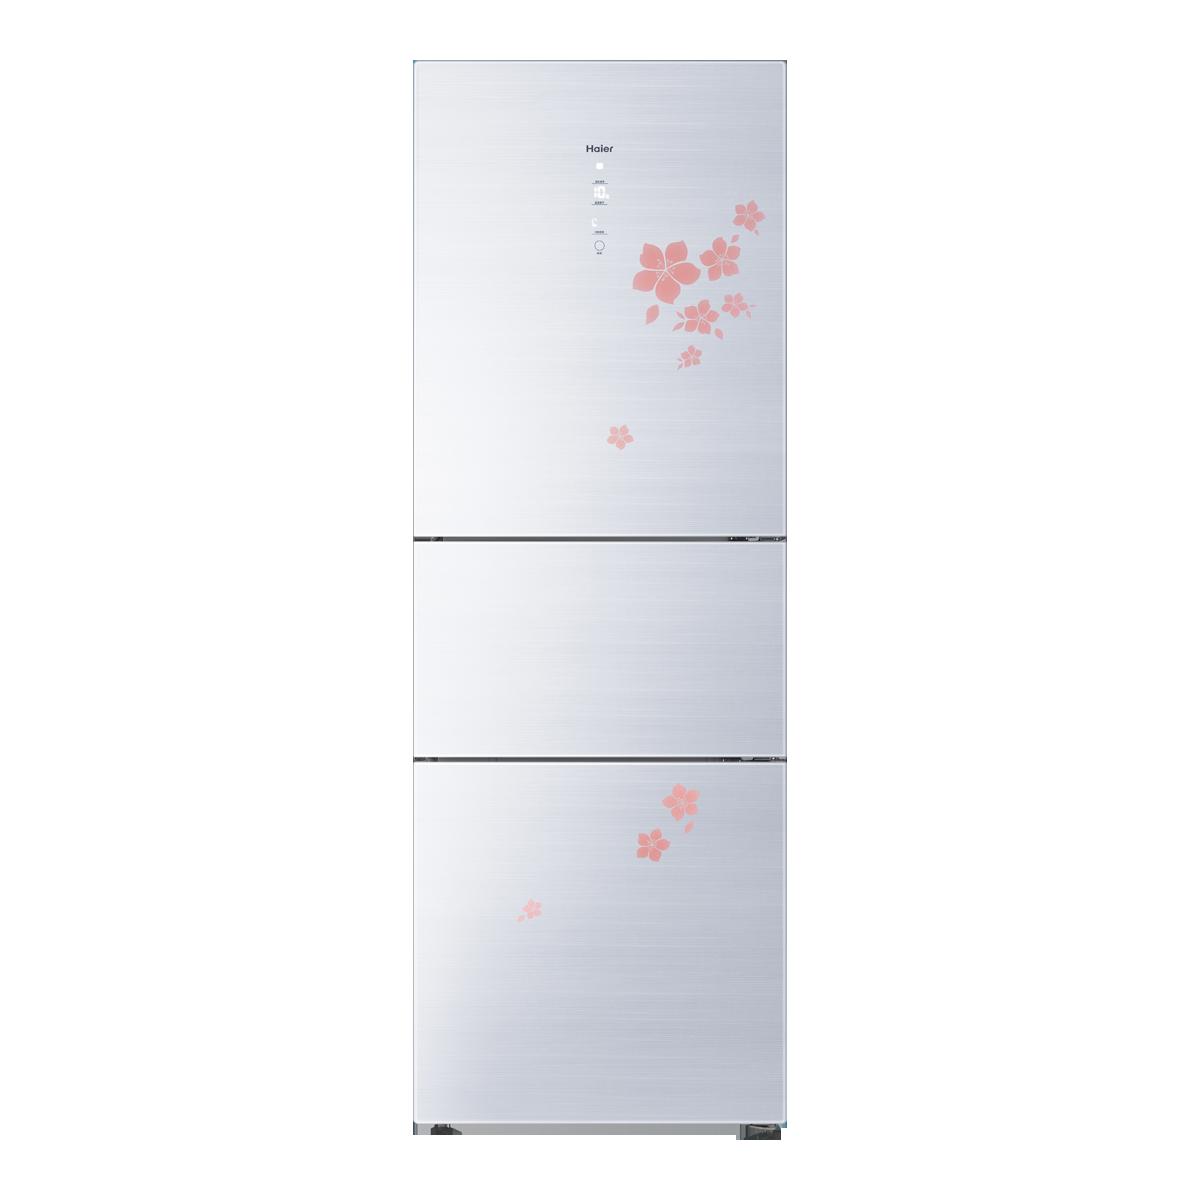 海尔Haier冰箱 BCD-270WBCS 说明书